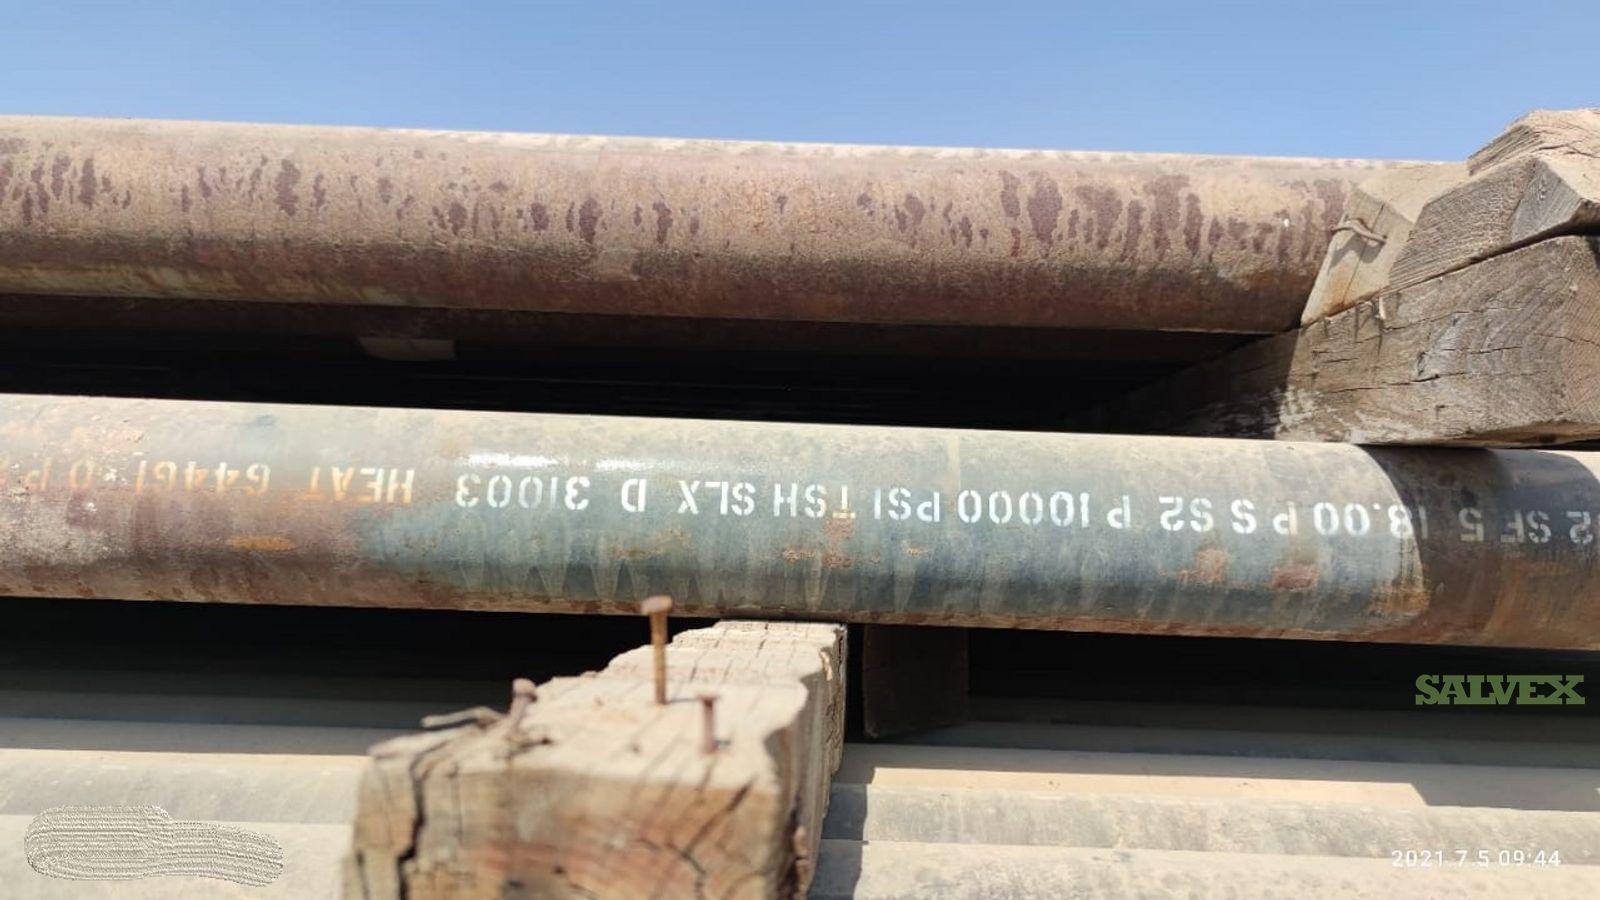 5 21.40# P110 TSH SLX R3 Surplus Casing (1,440 Feet / 14 Metric Tons)